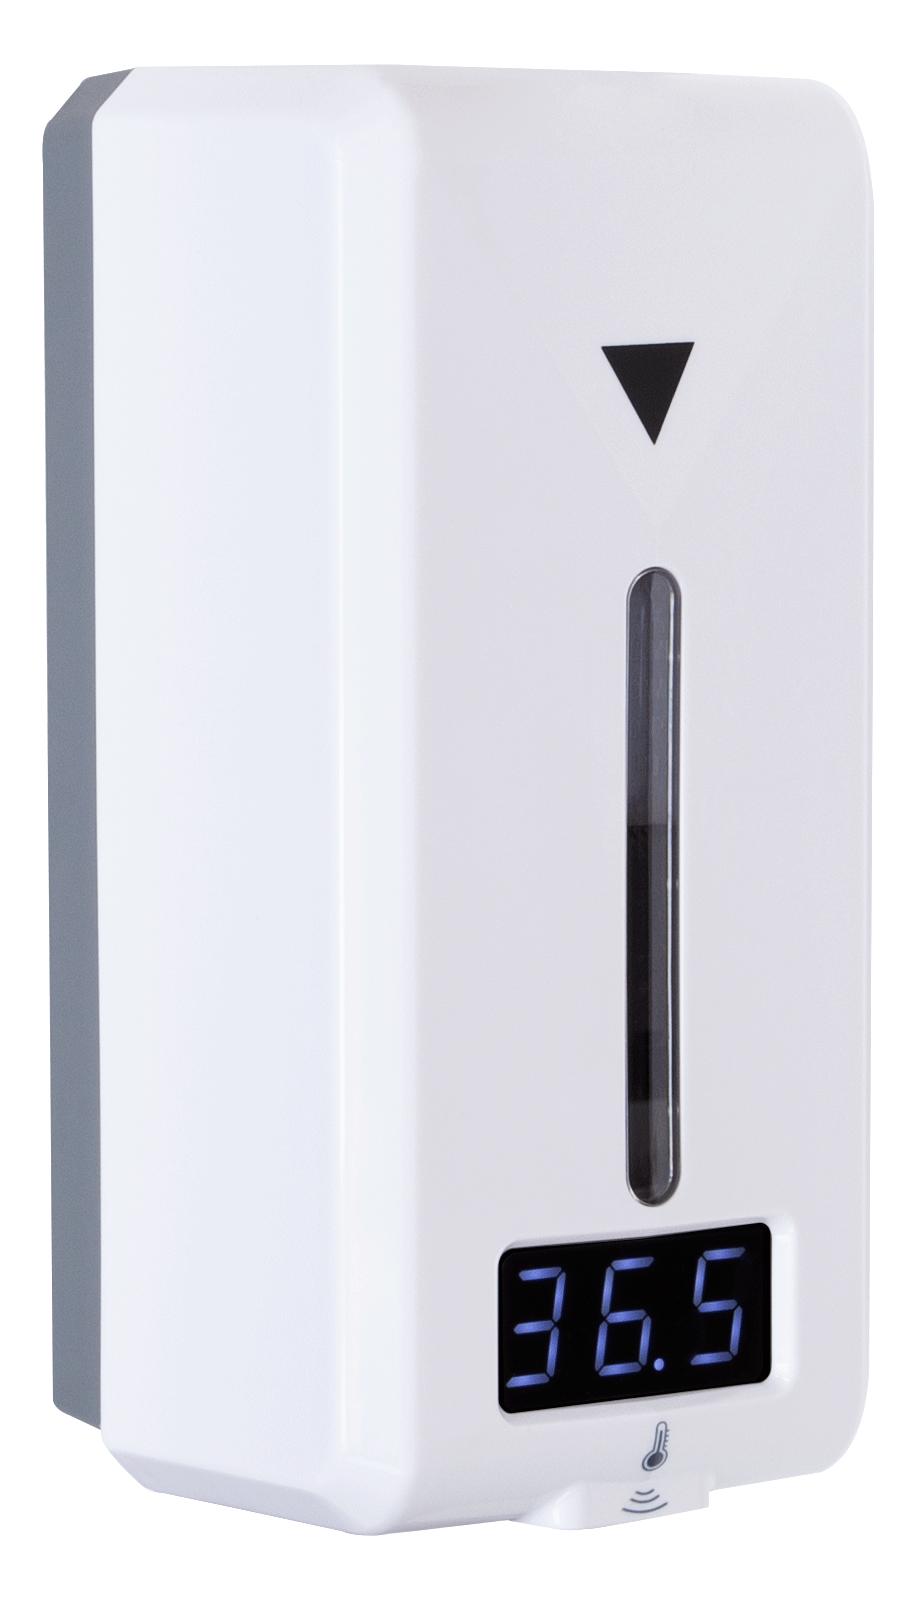 Avtomatski razkuževalnik z merilnikom telesne temperature - KOBTERM D40